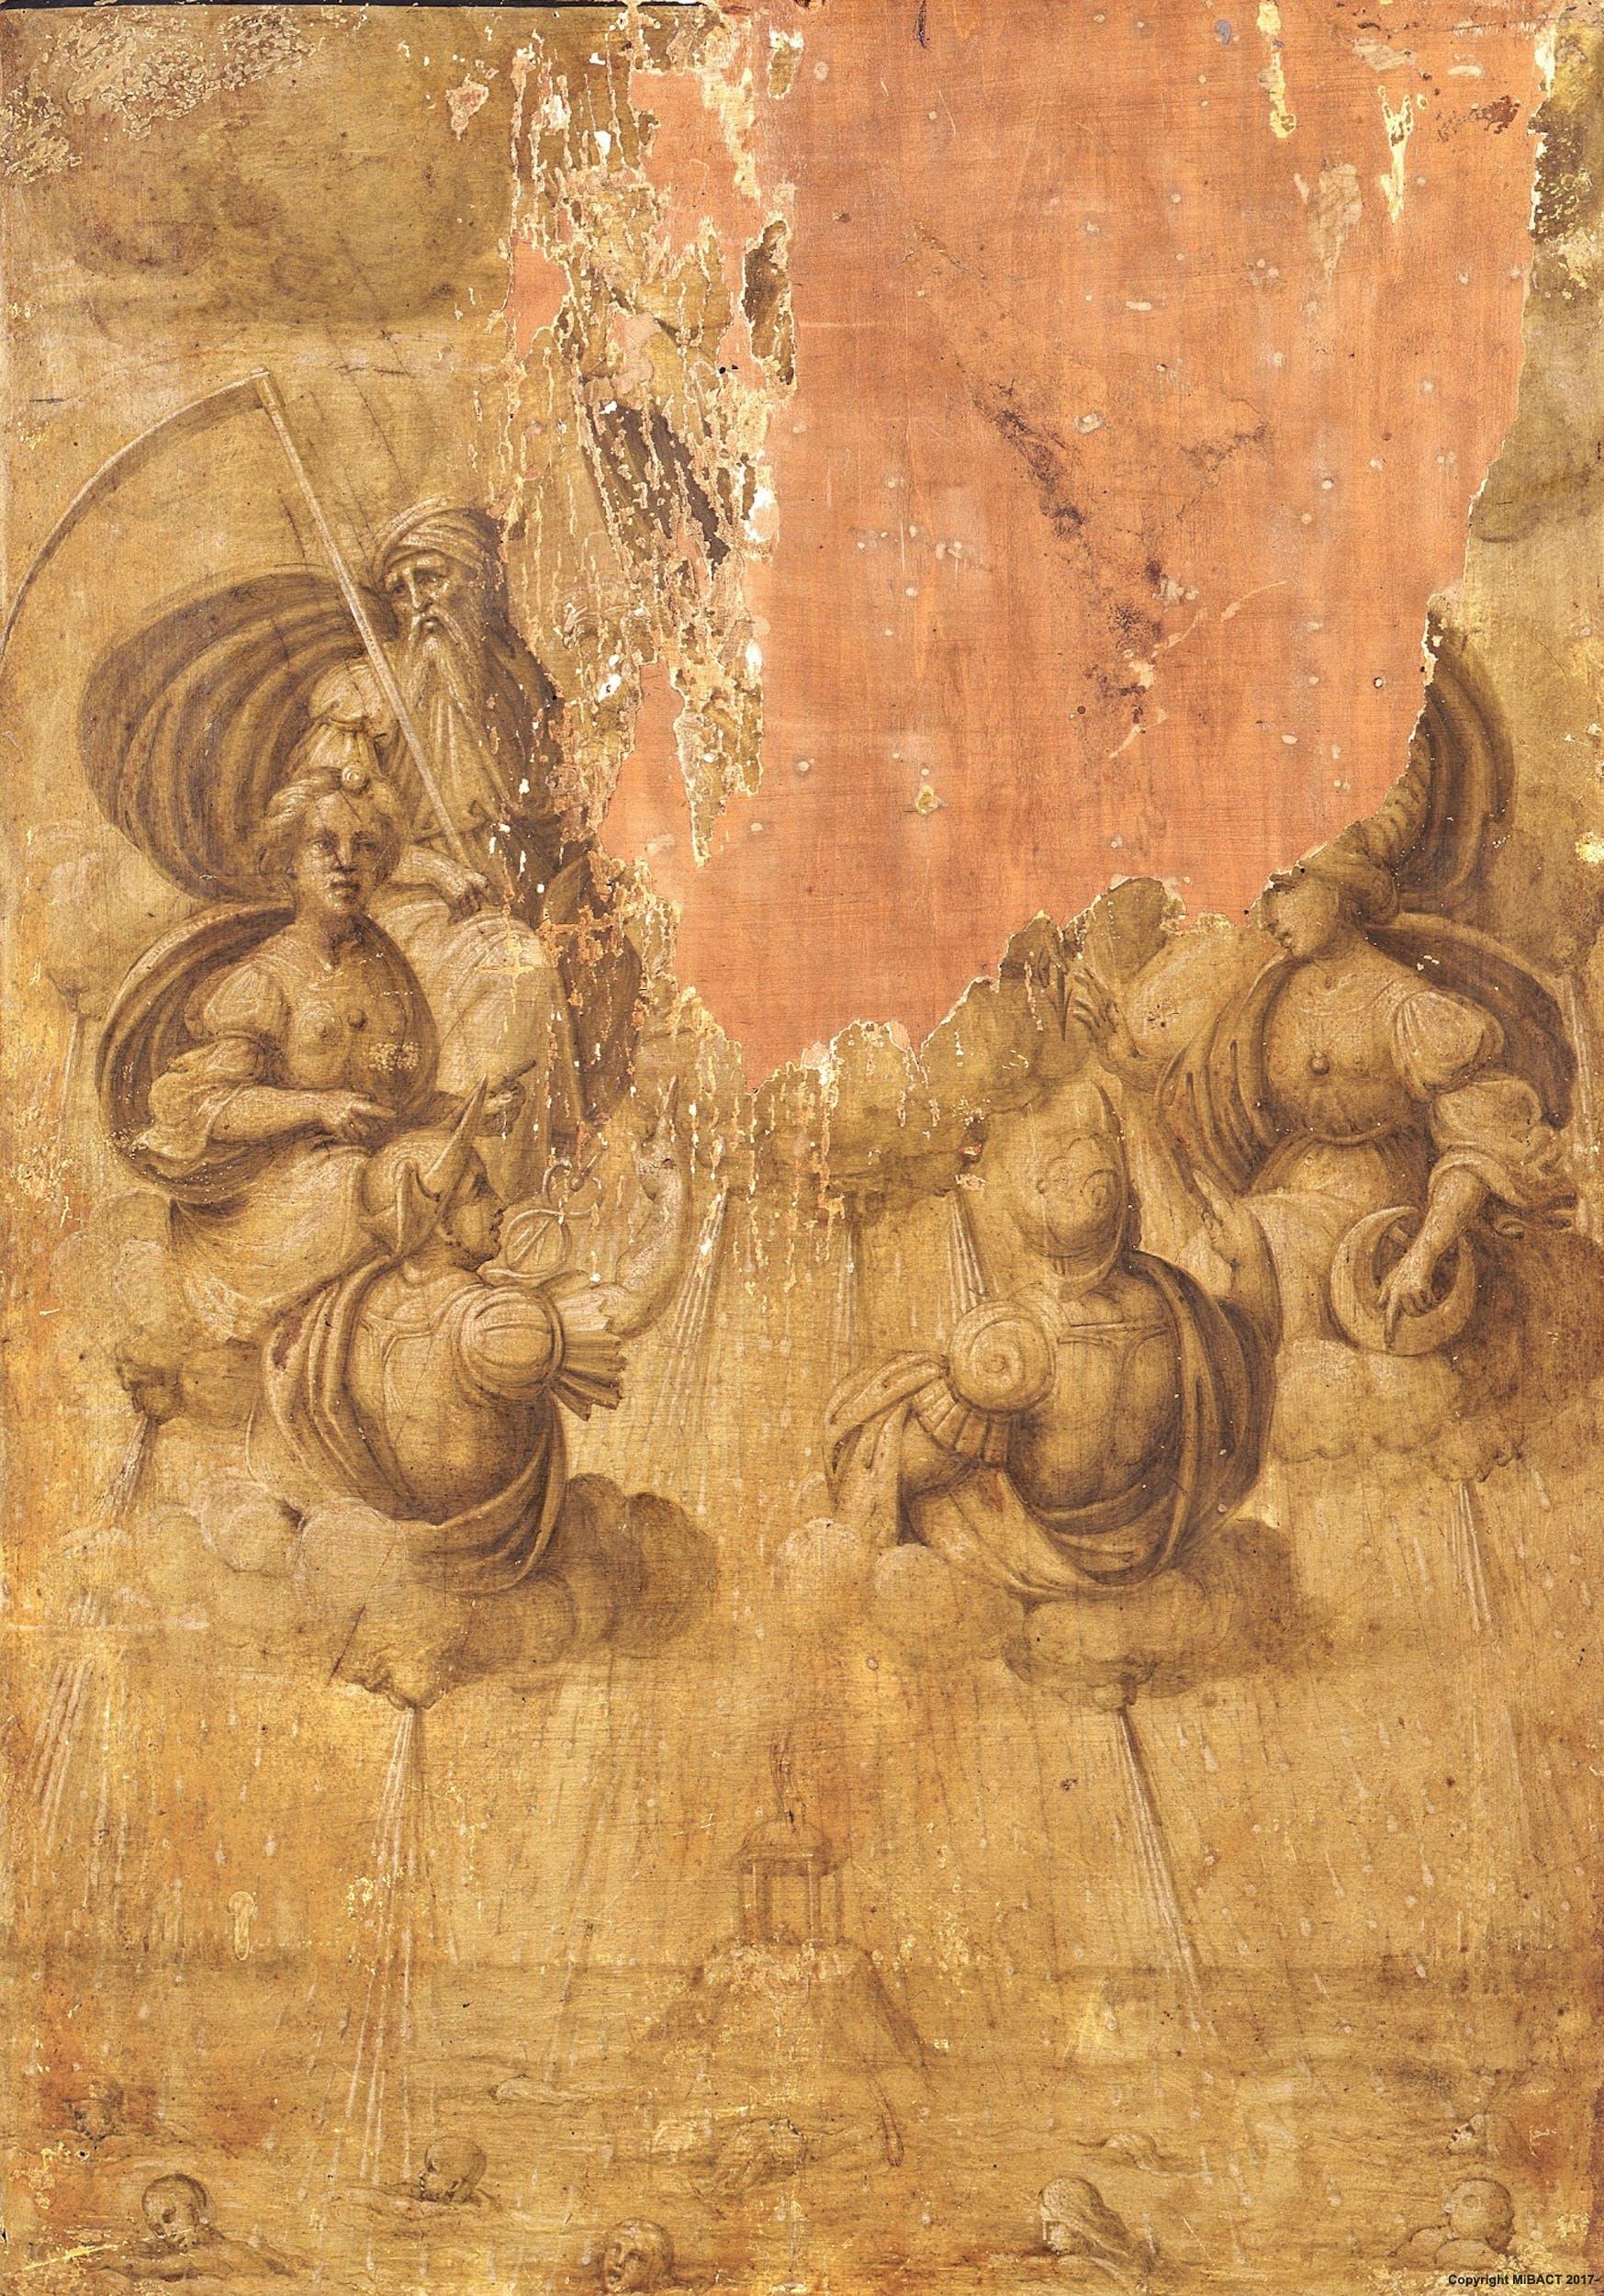 Maestro di Serumido, Diluvio degli Dei, recto del ritratto di Agnolo Doni | Maestro di Serumido, the Flood, back of Agnolo Doni portrait